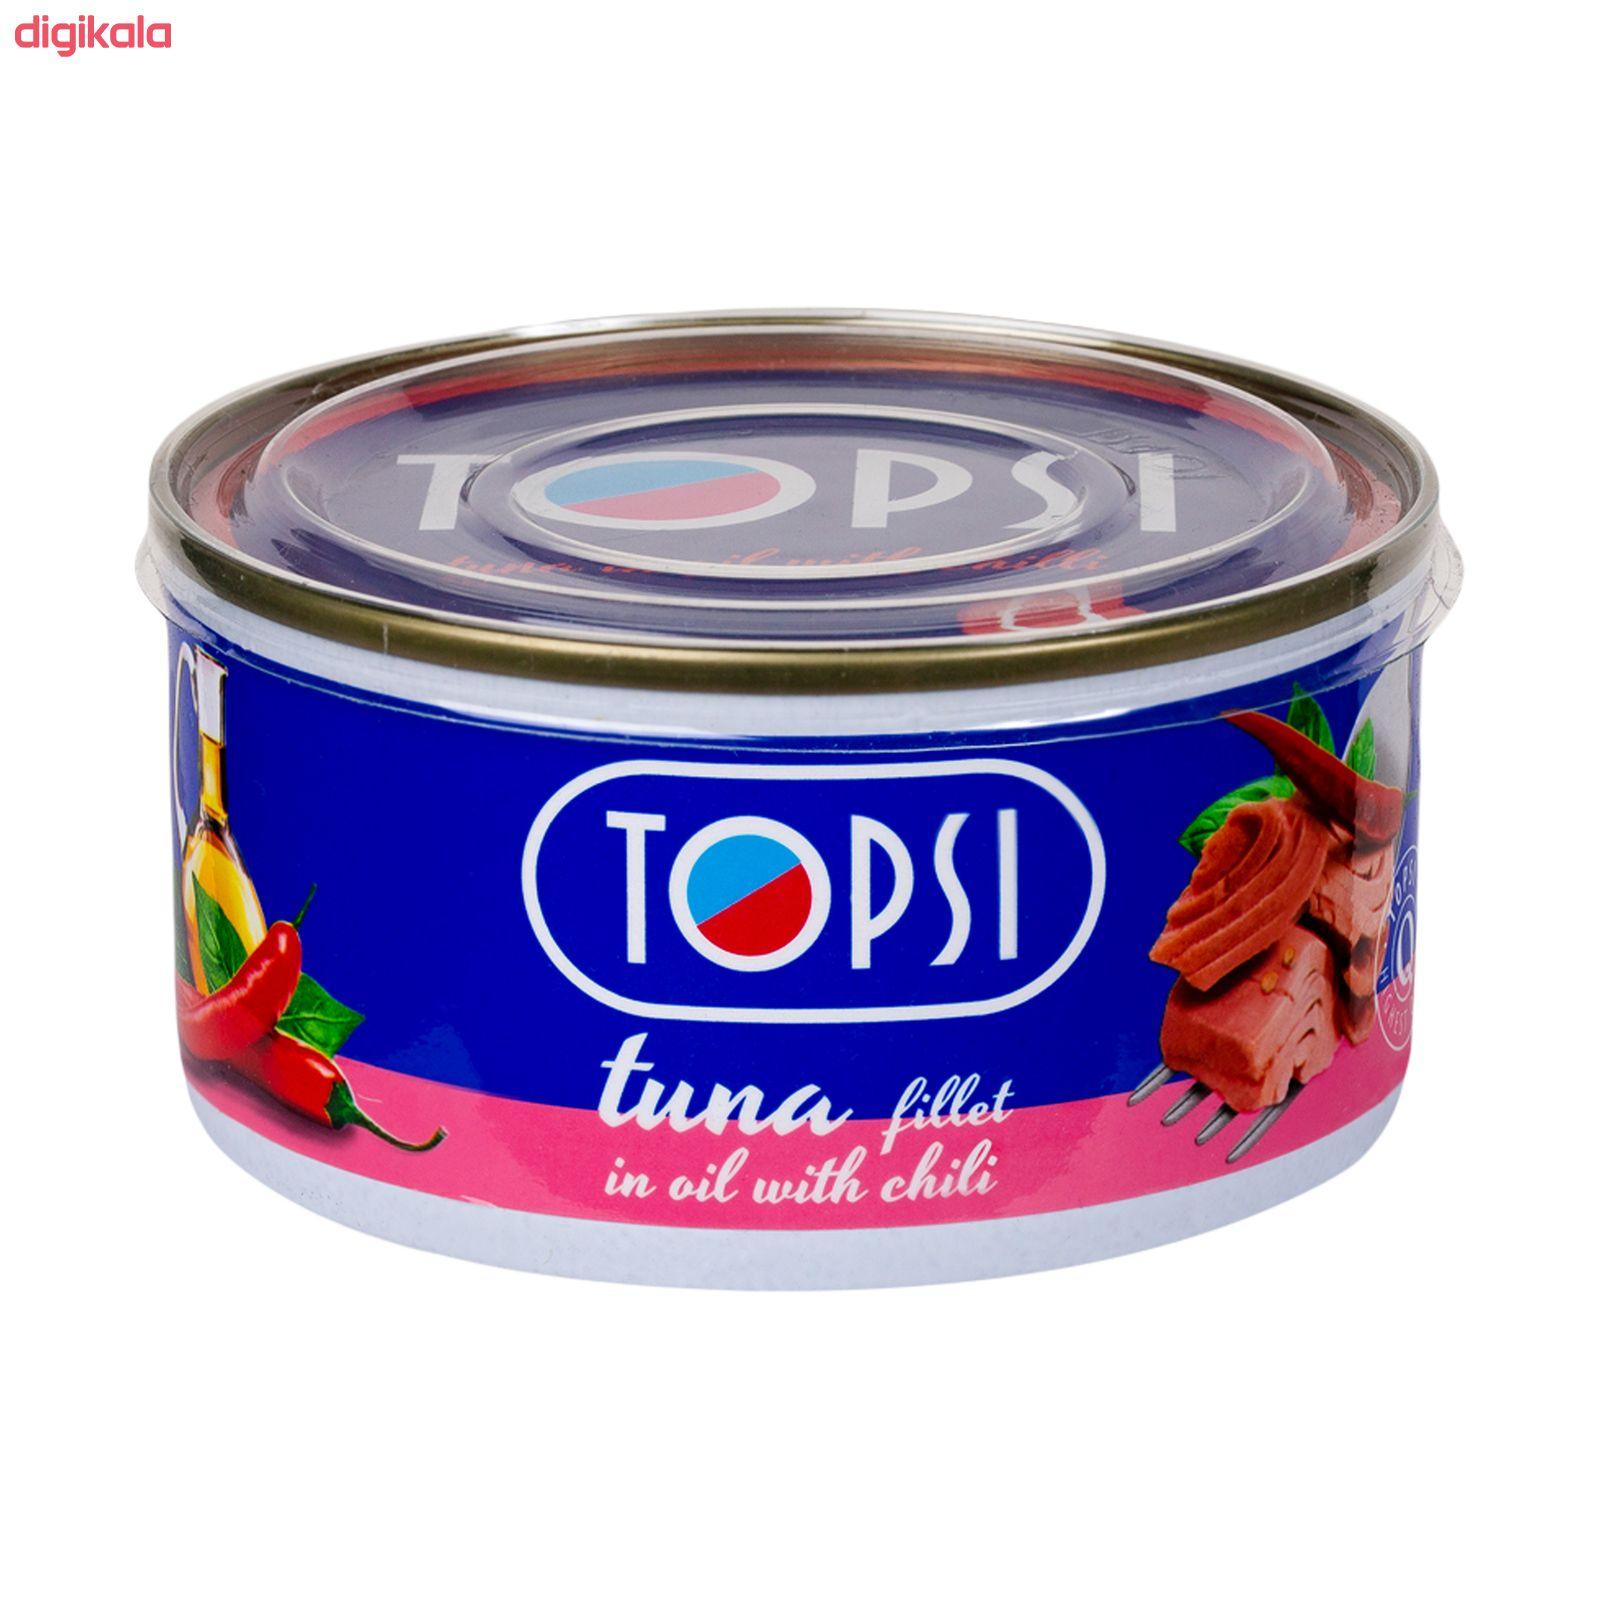 کنسرو ماهی تاپسی با طعم فلفل - 180 گرم main 1 1